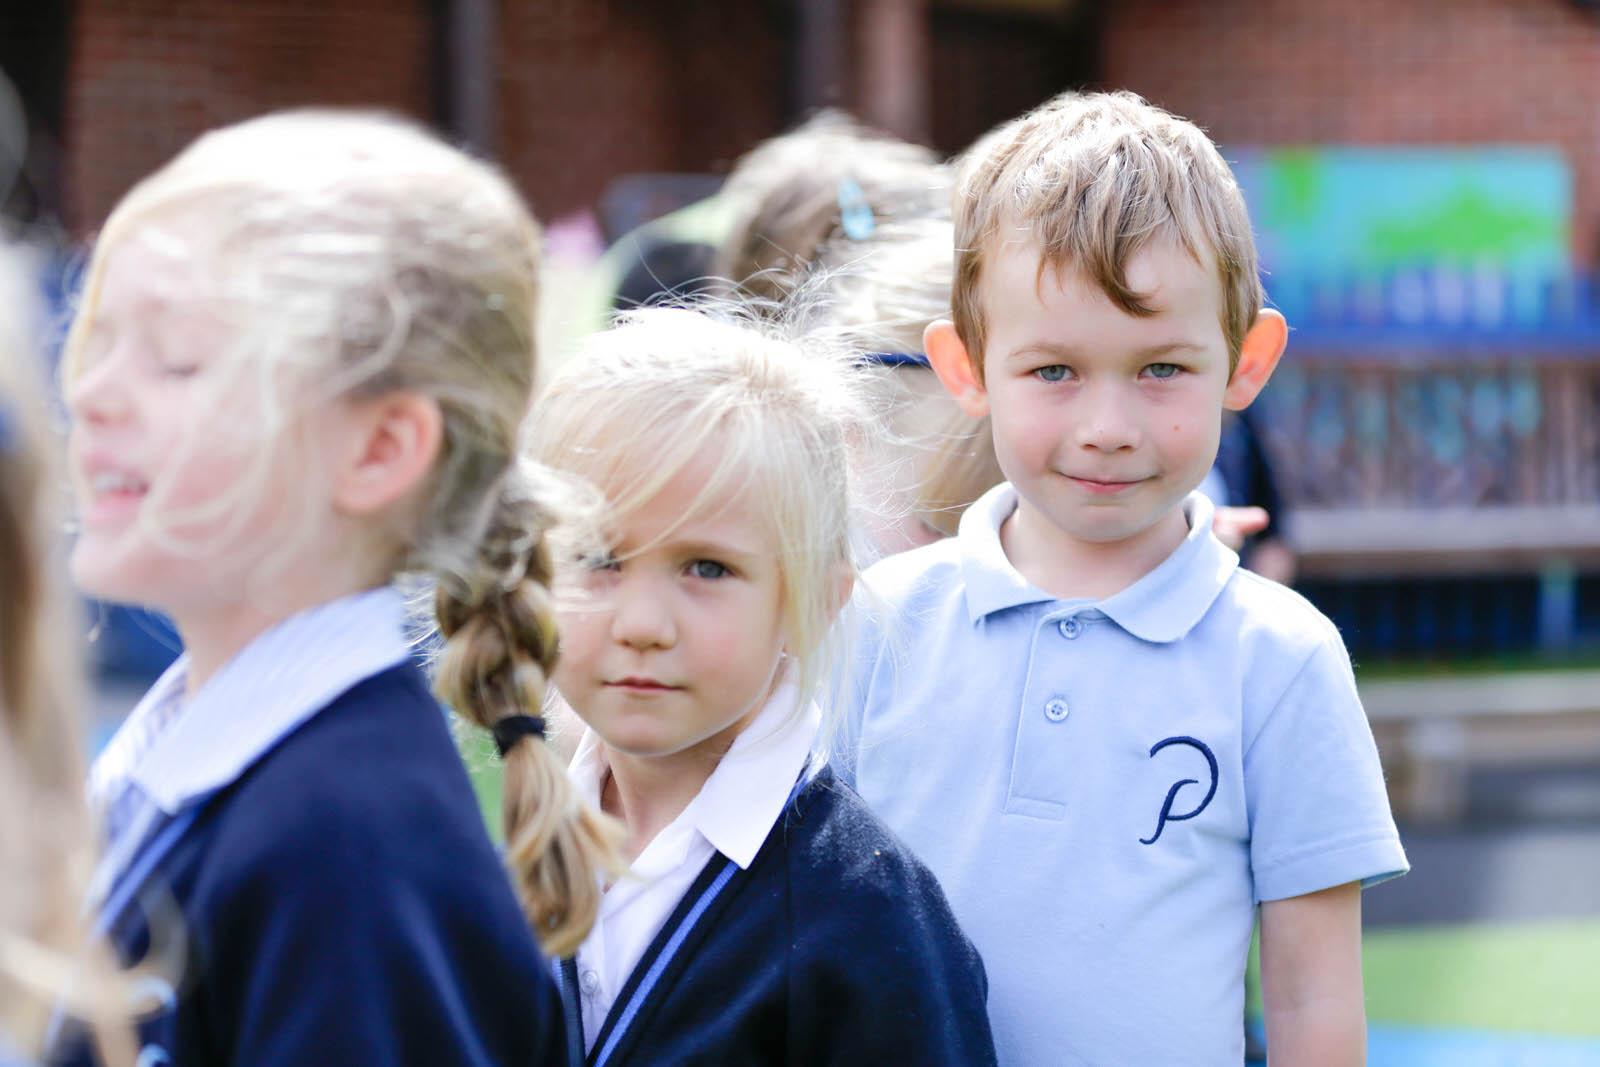 Pupils outside